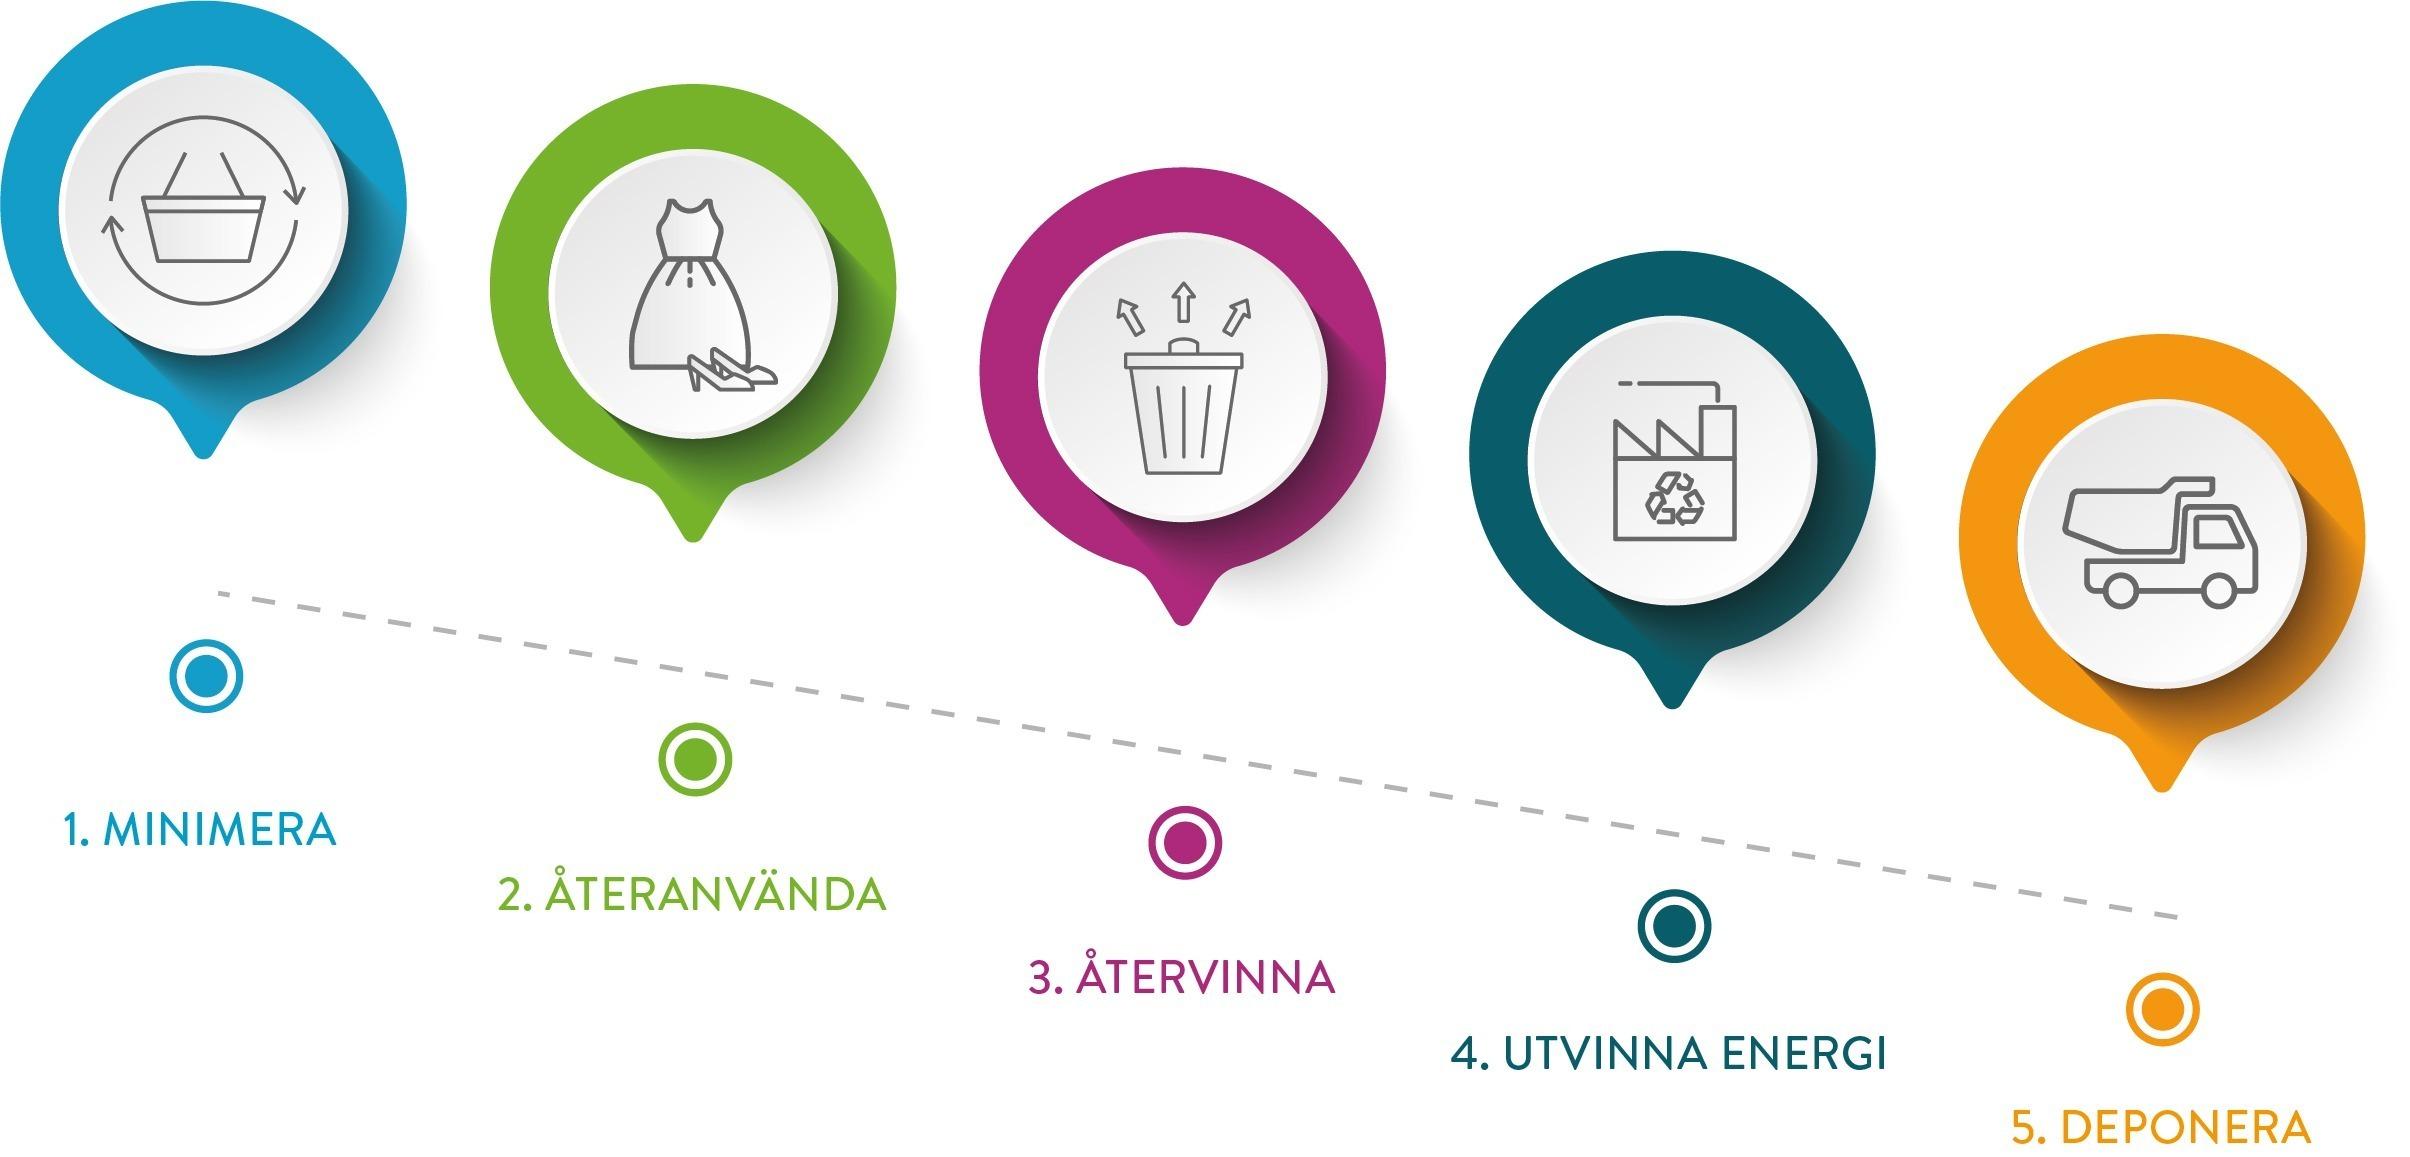 Bilden visar de fem stegen i avfallstrappan: Minimera, återanvända, återvinna, utvinna energi och deponera.